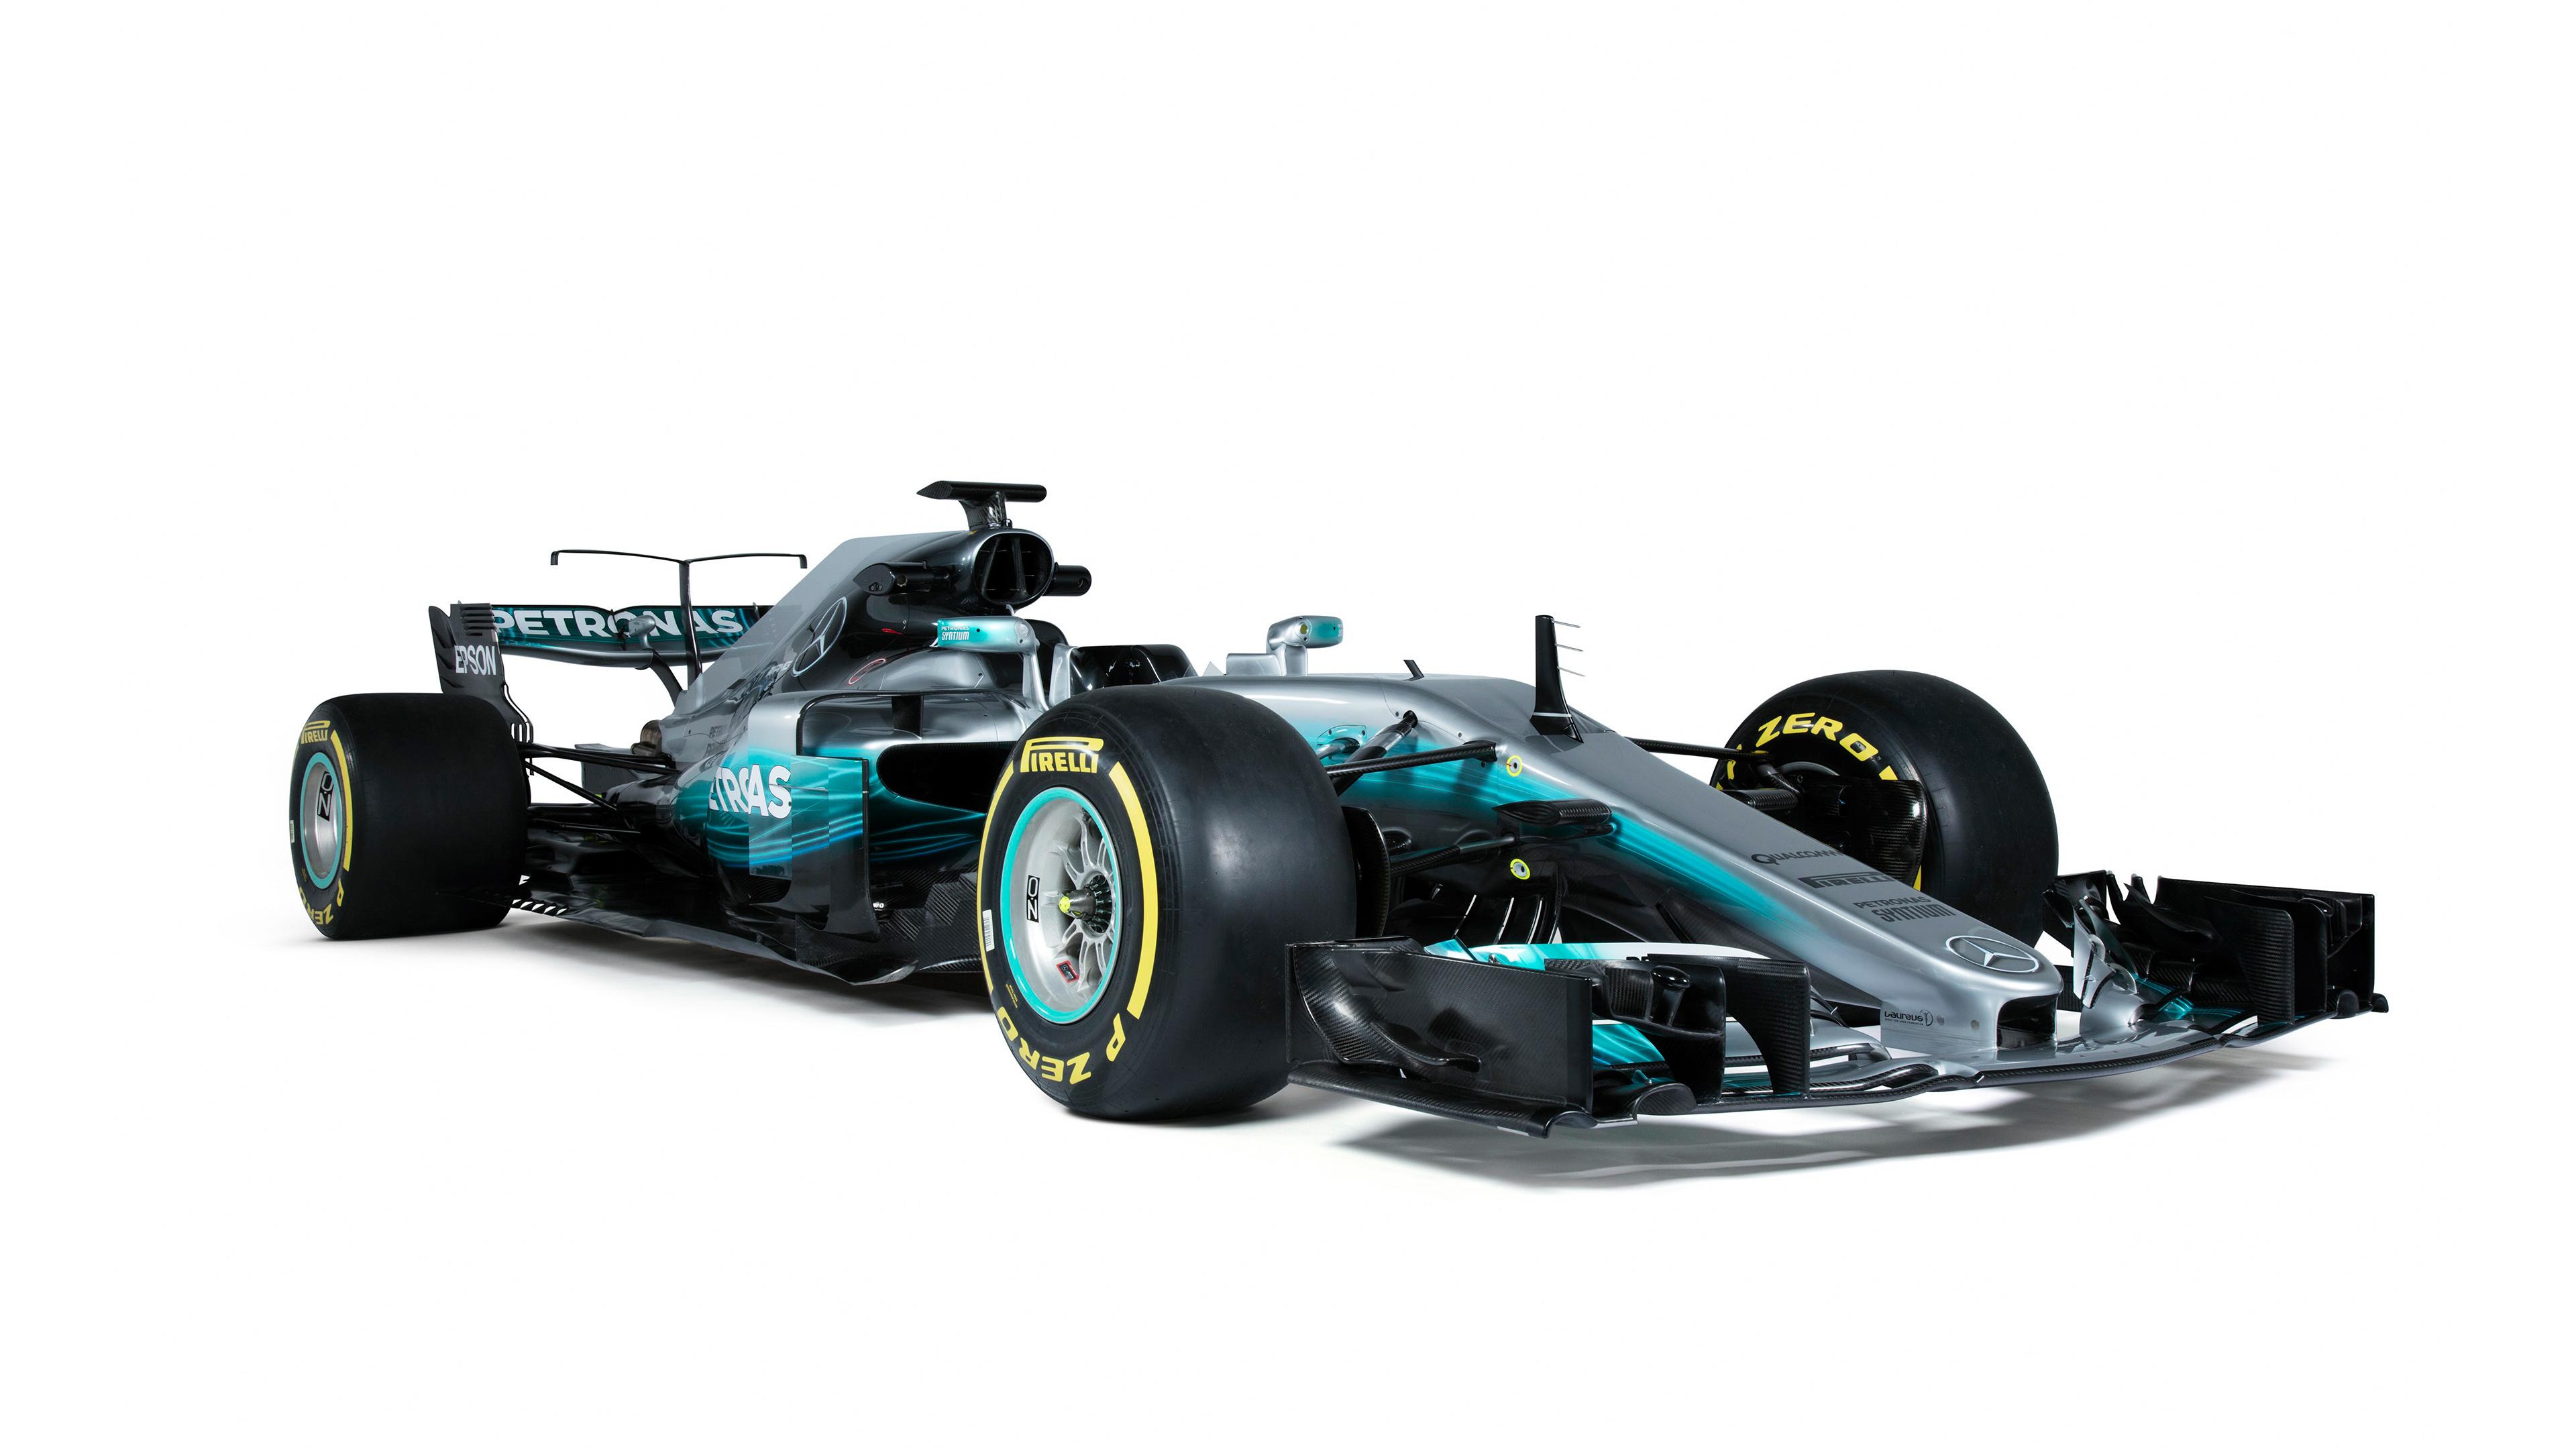 2017 mercedes amg f1 w08 eq power formula 1 car wallpaper